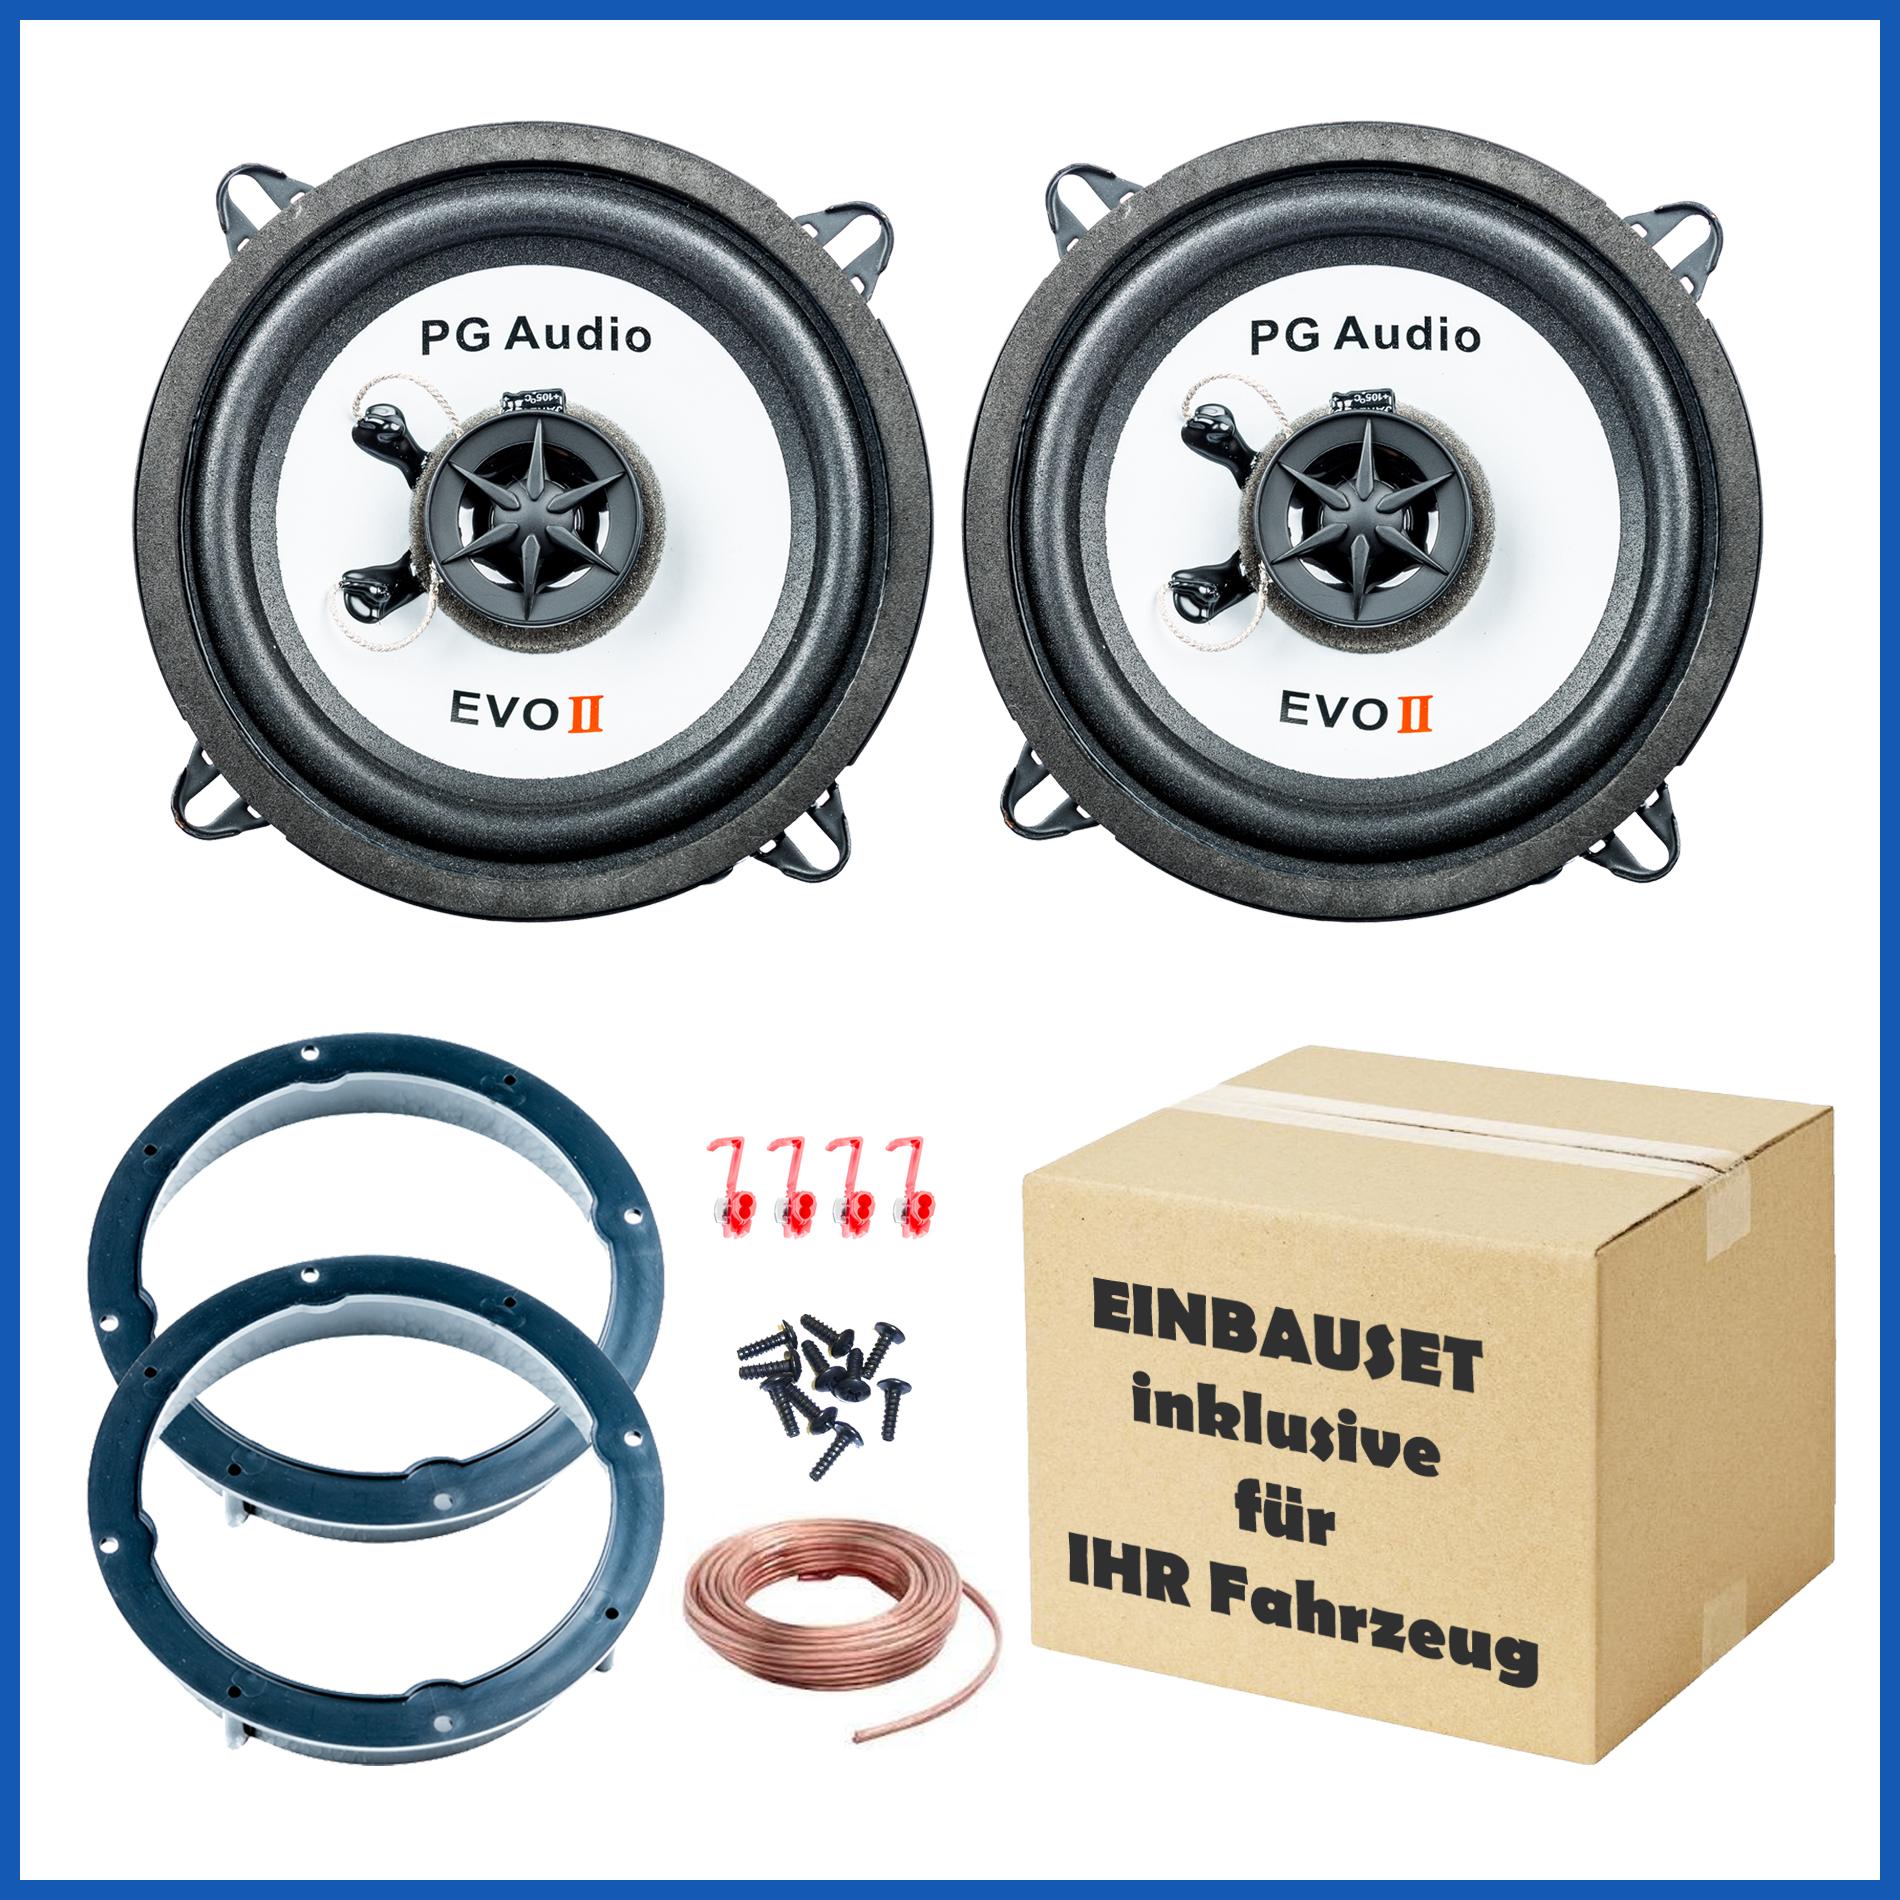 Mazda 2, Lautsprecher Tür Vorne, 2-Wege-Koax, Coax inkl. Adapterringe  – Bild 1